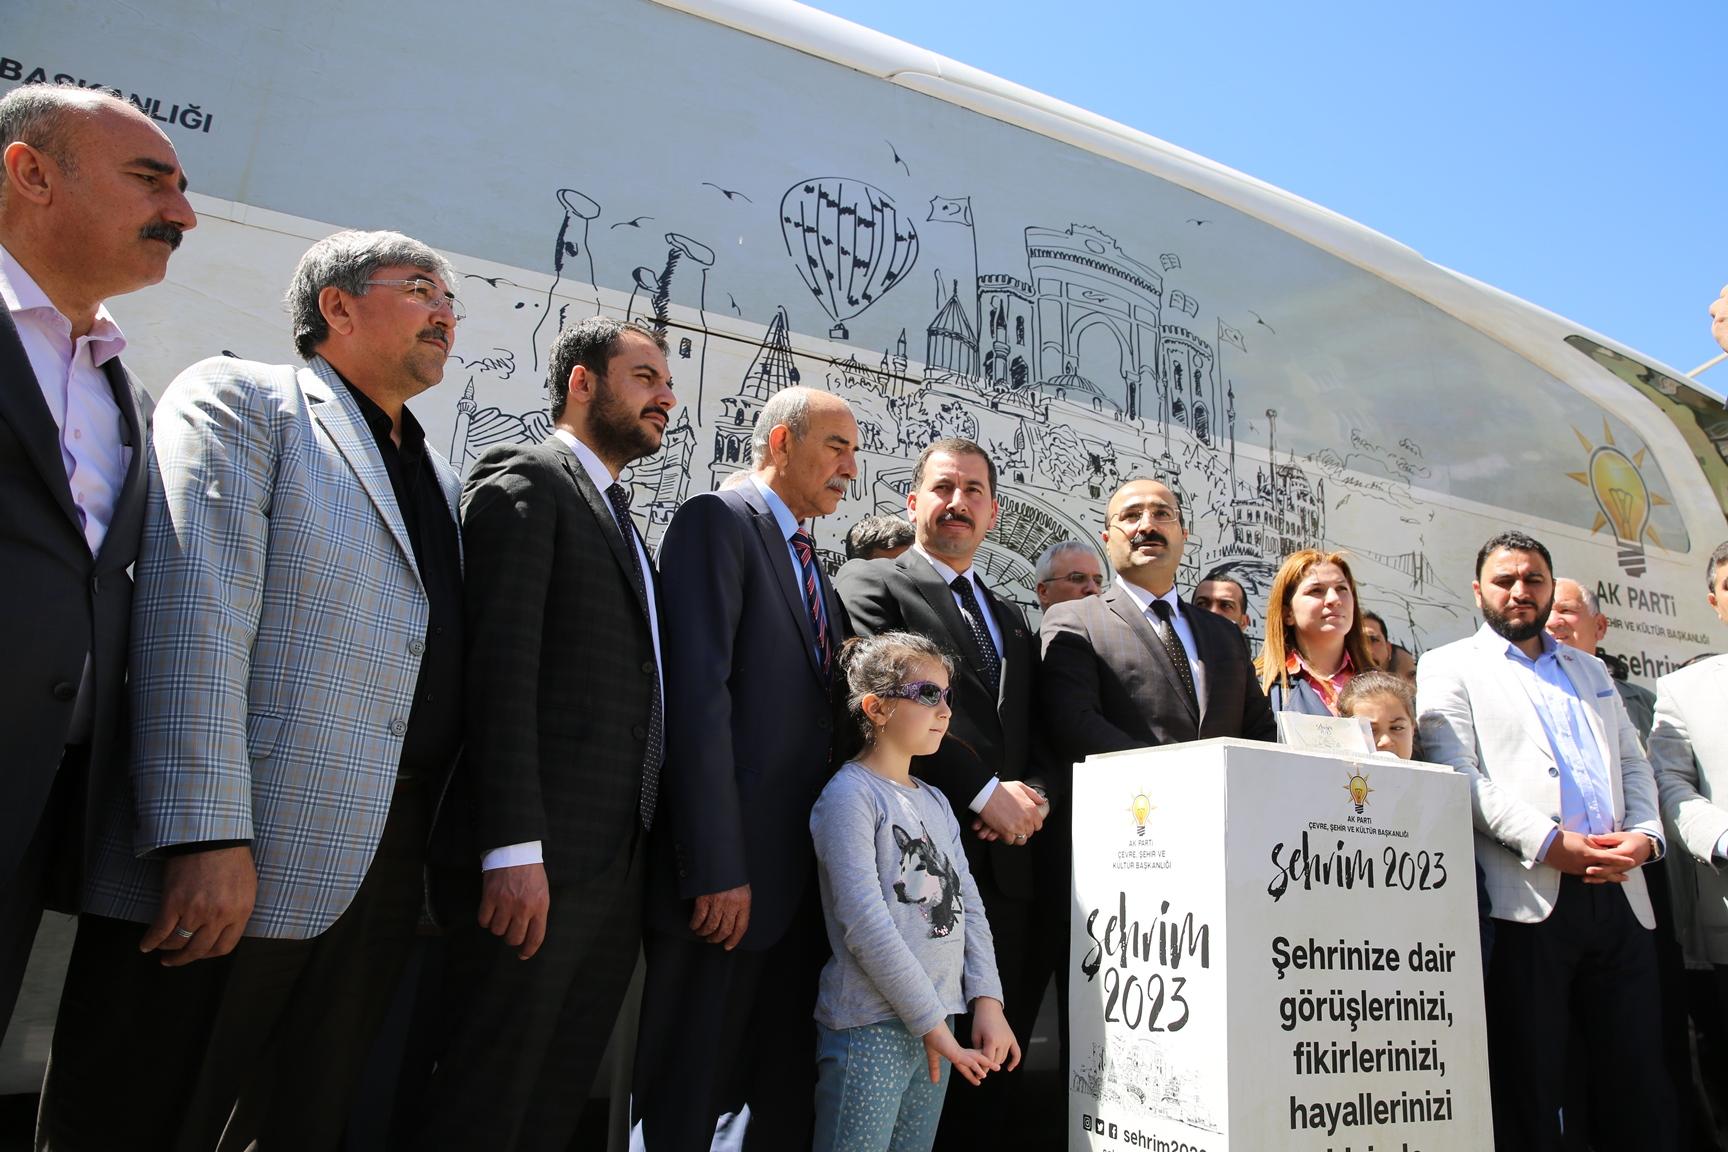 """""""Şehrim 2023"""" otobüsü Karaköprü'de"""